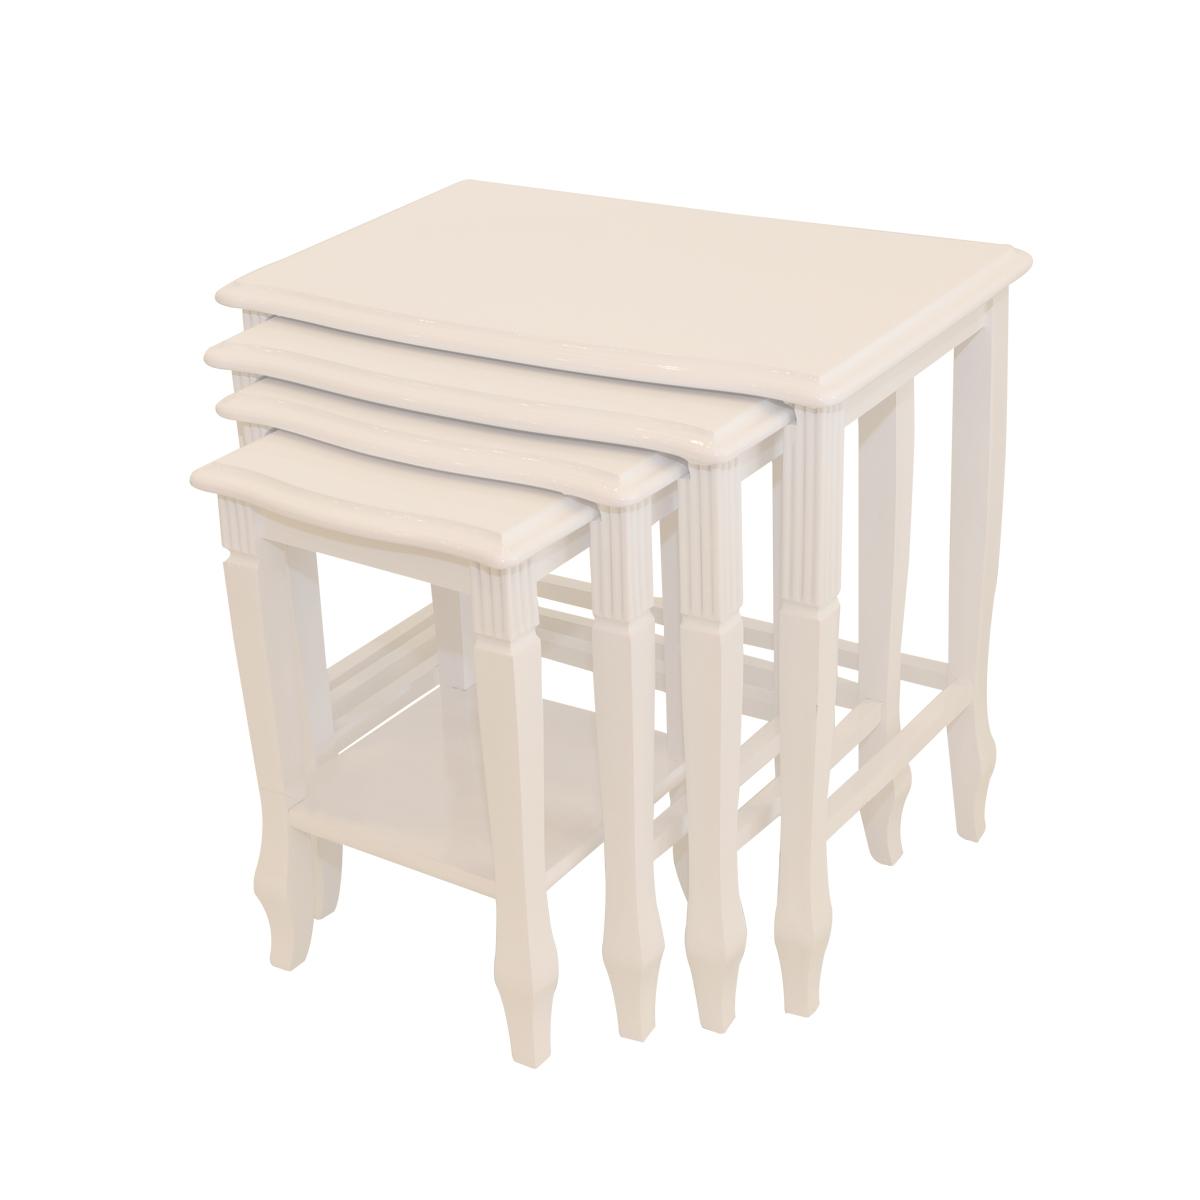 طاولة تقديم وخدمة خشب تركي 4 قطع لون ابيض